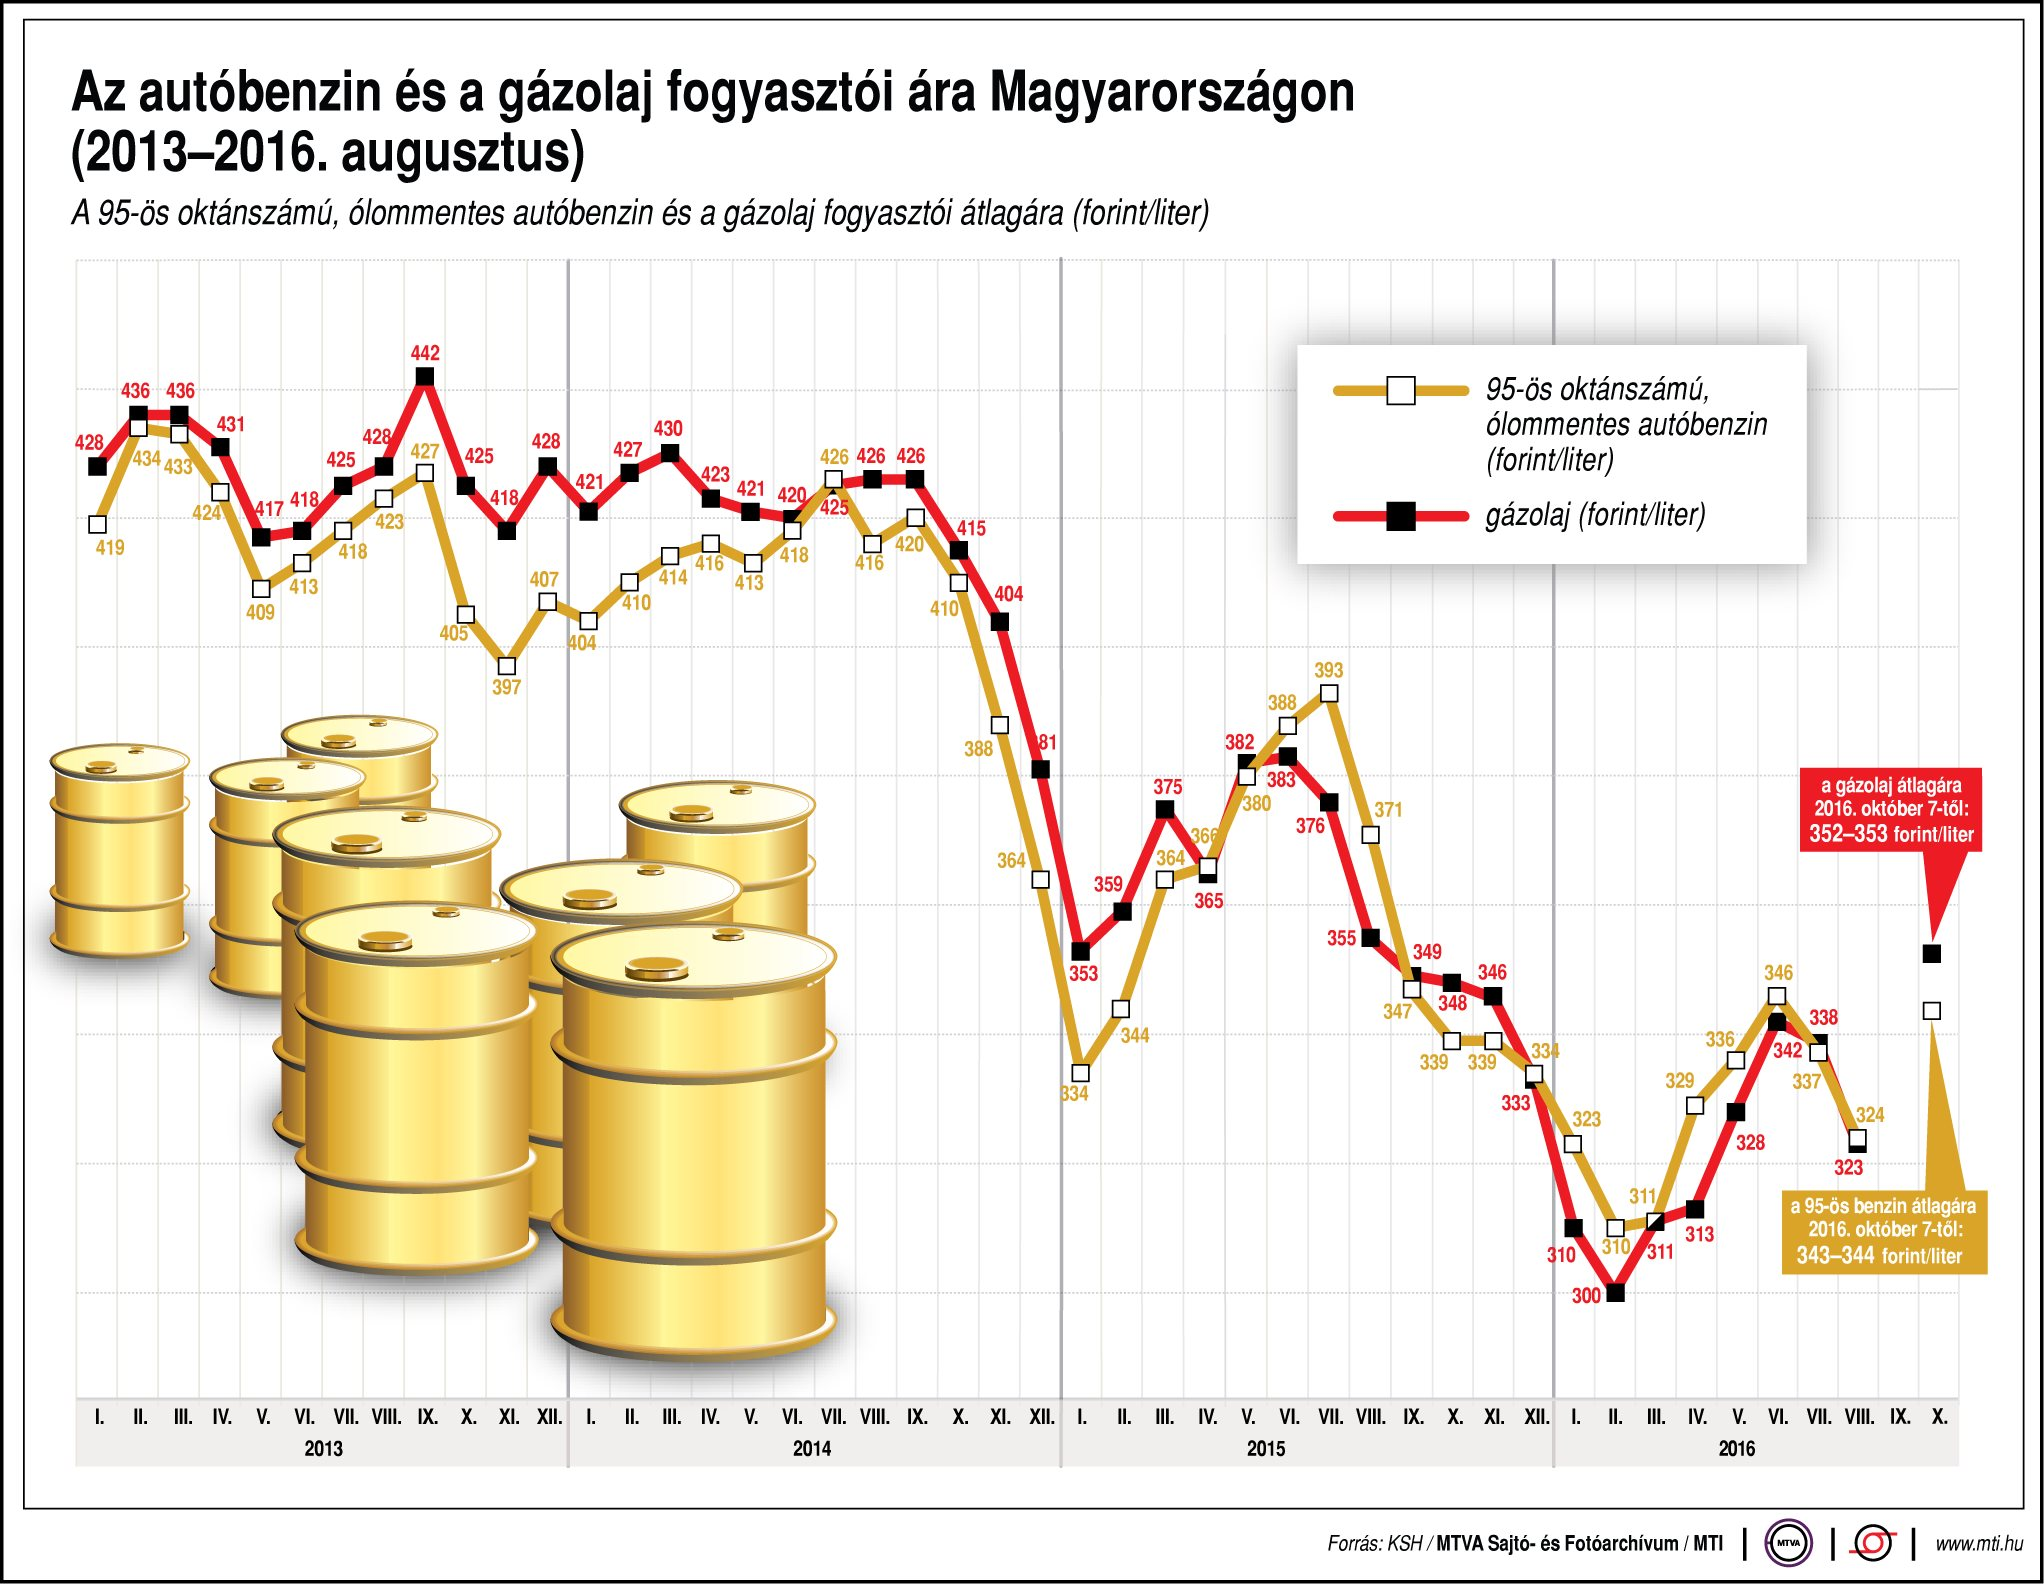 Bár idei csúcsszintjükre drágultak az üzemanyagok, még mindig olcsóbbak, mint tavaly nyáron, a 2012-ben adódott 450 forintos csúcsszint távoli még